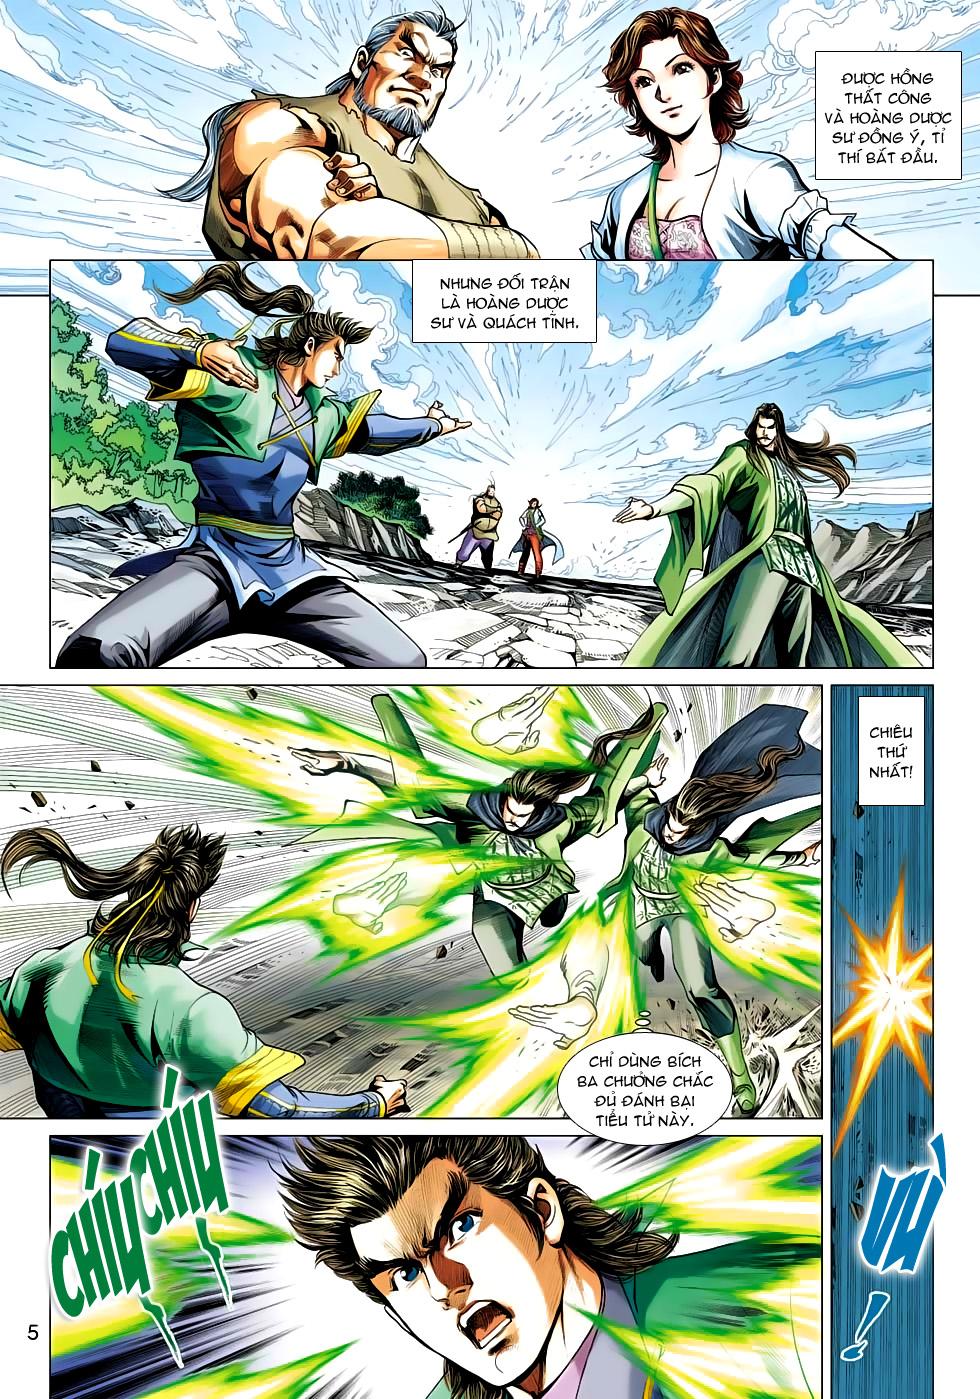 Xạ Điêu Anh Hùng Truyện chap 100 – End Trang 5 - Mangak.info